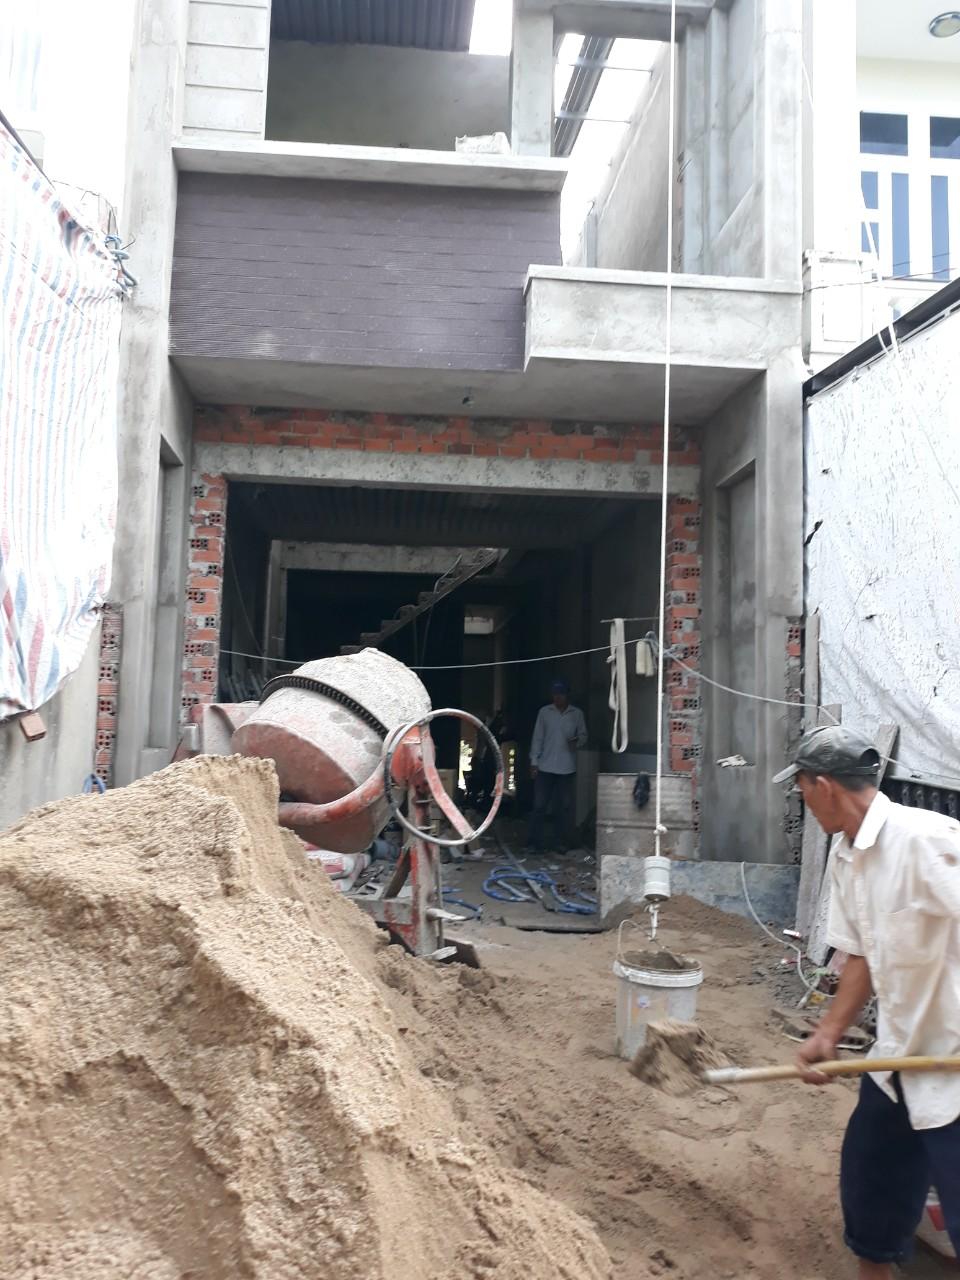 Bán nhà 1 lầu 1 trệt đường Đông Tác,Dĩ An,Bình DƯơng,80m,3.6tỷ